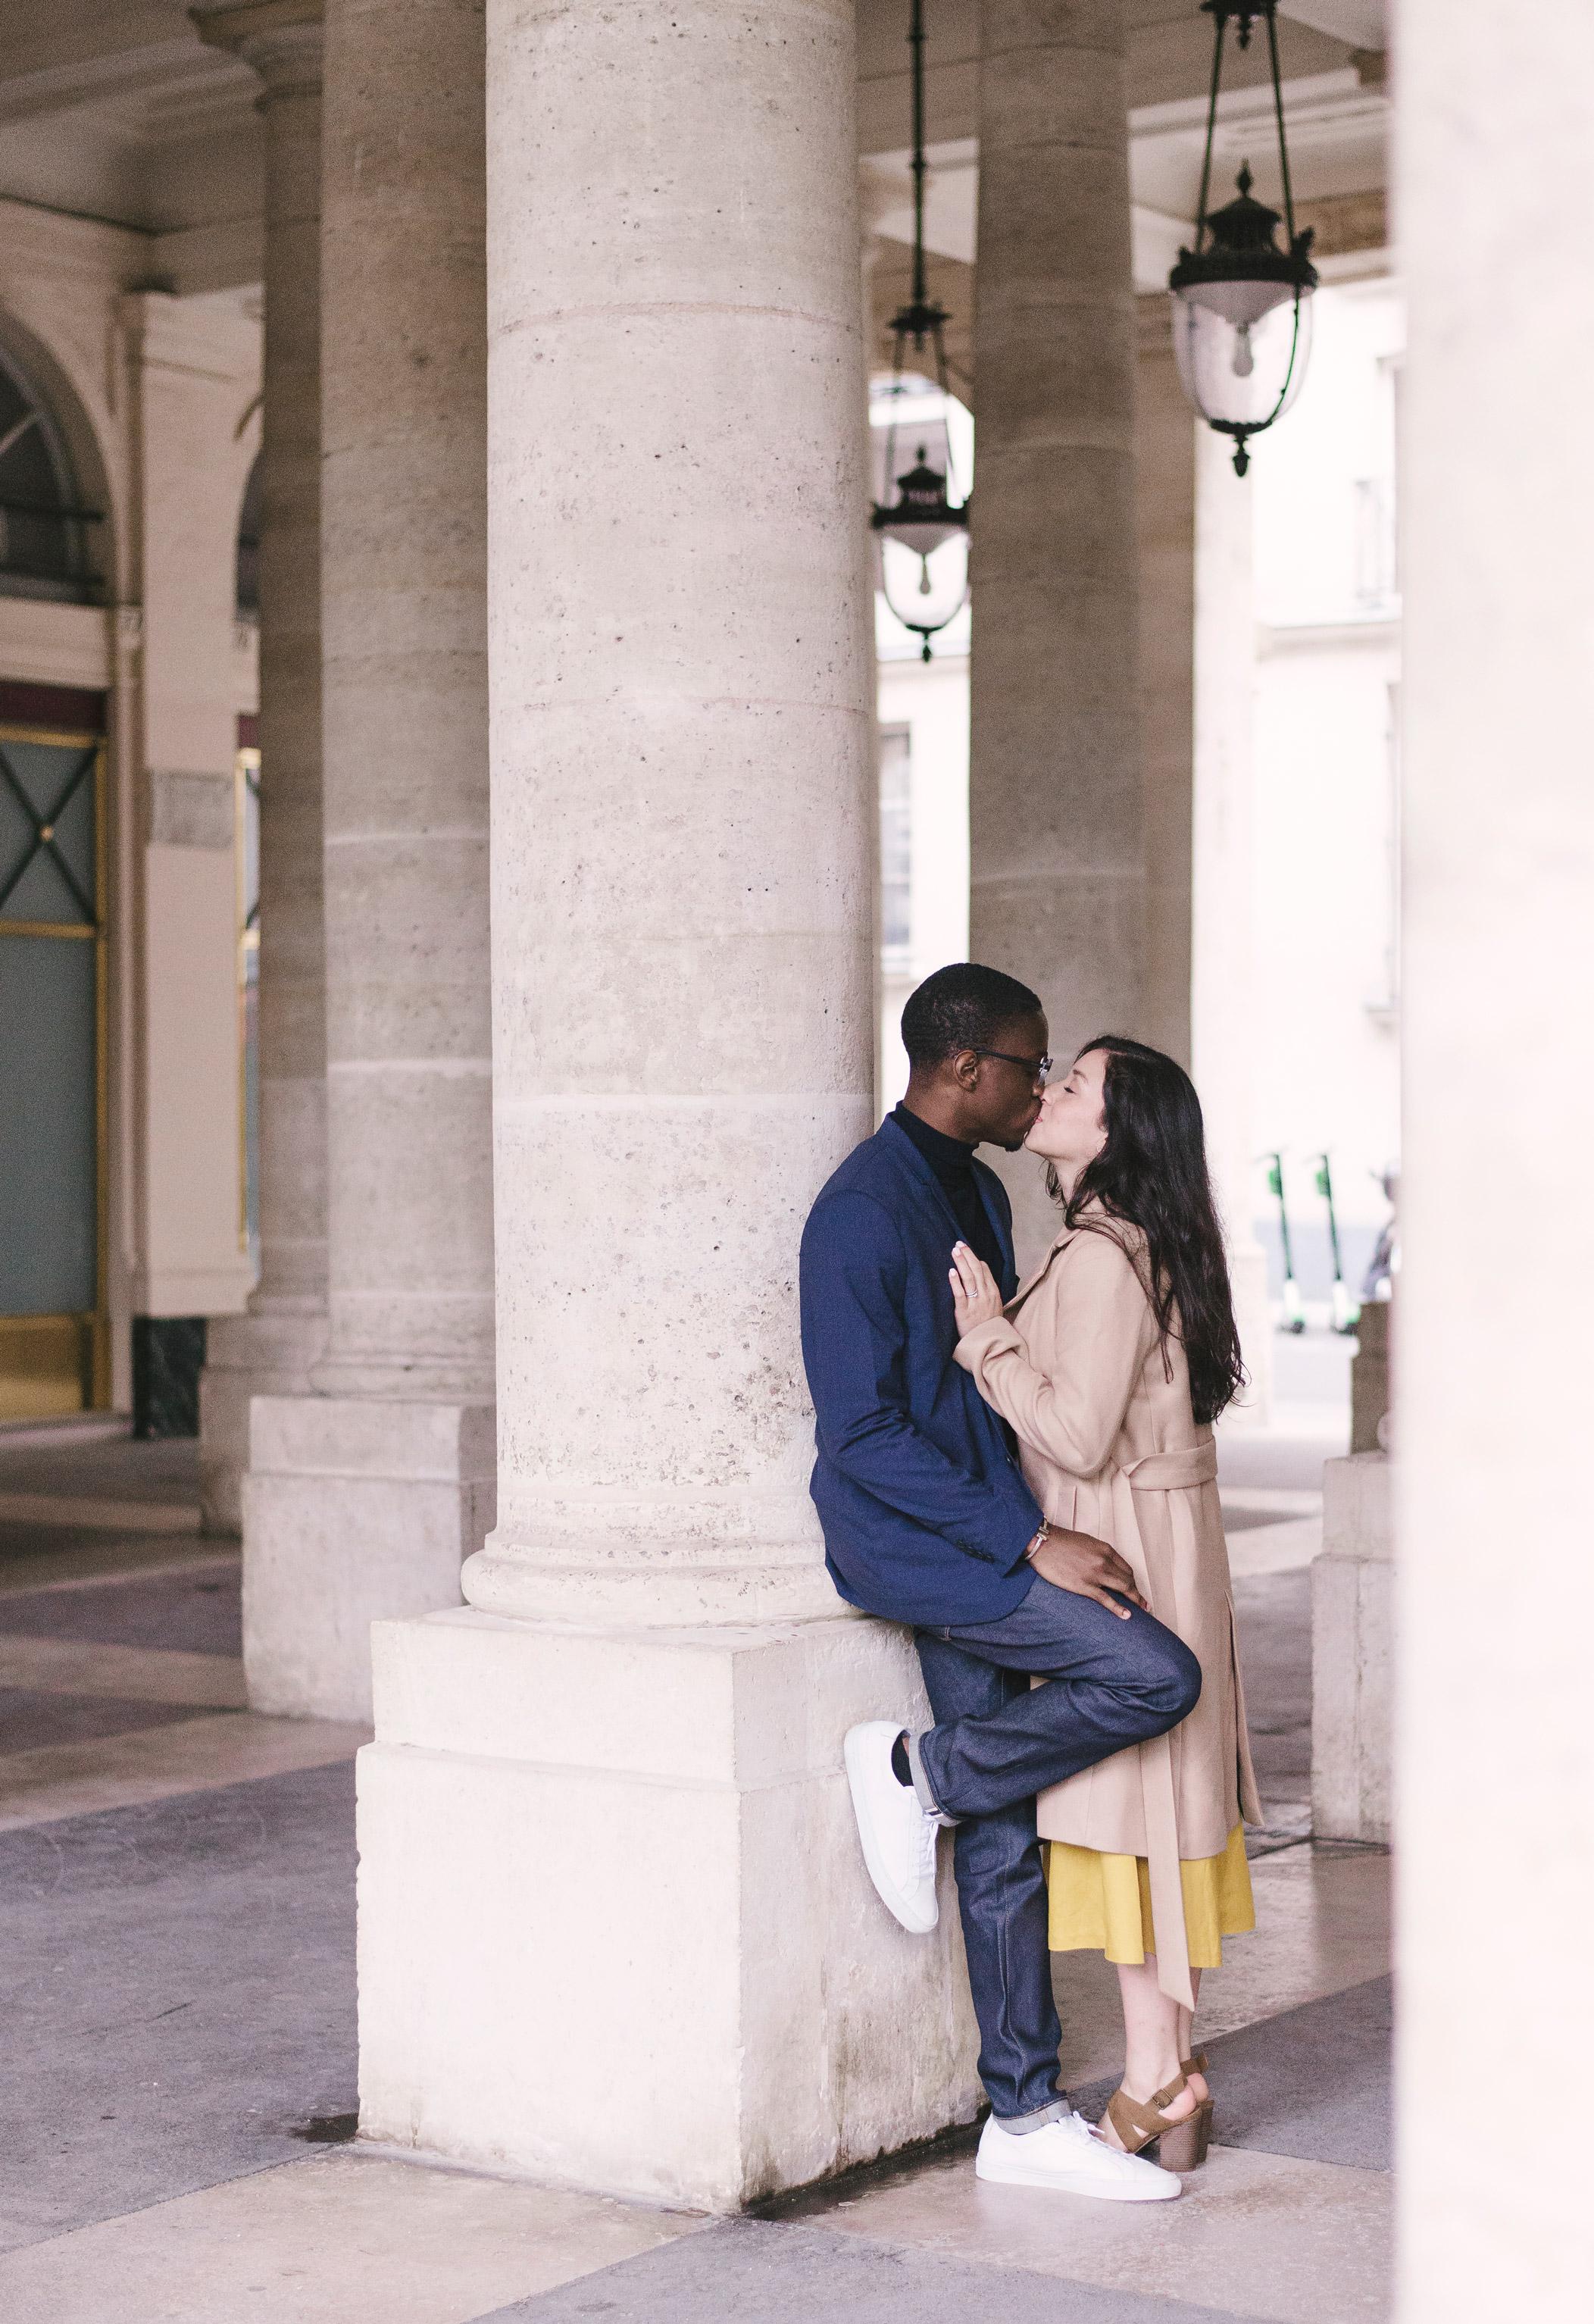 Couple-photoshoot-Paris-Pont-des-arts-Louvre-PalaisRoyale-051.jpg